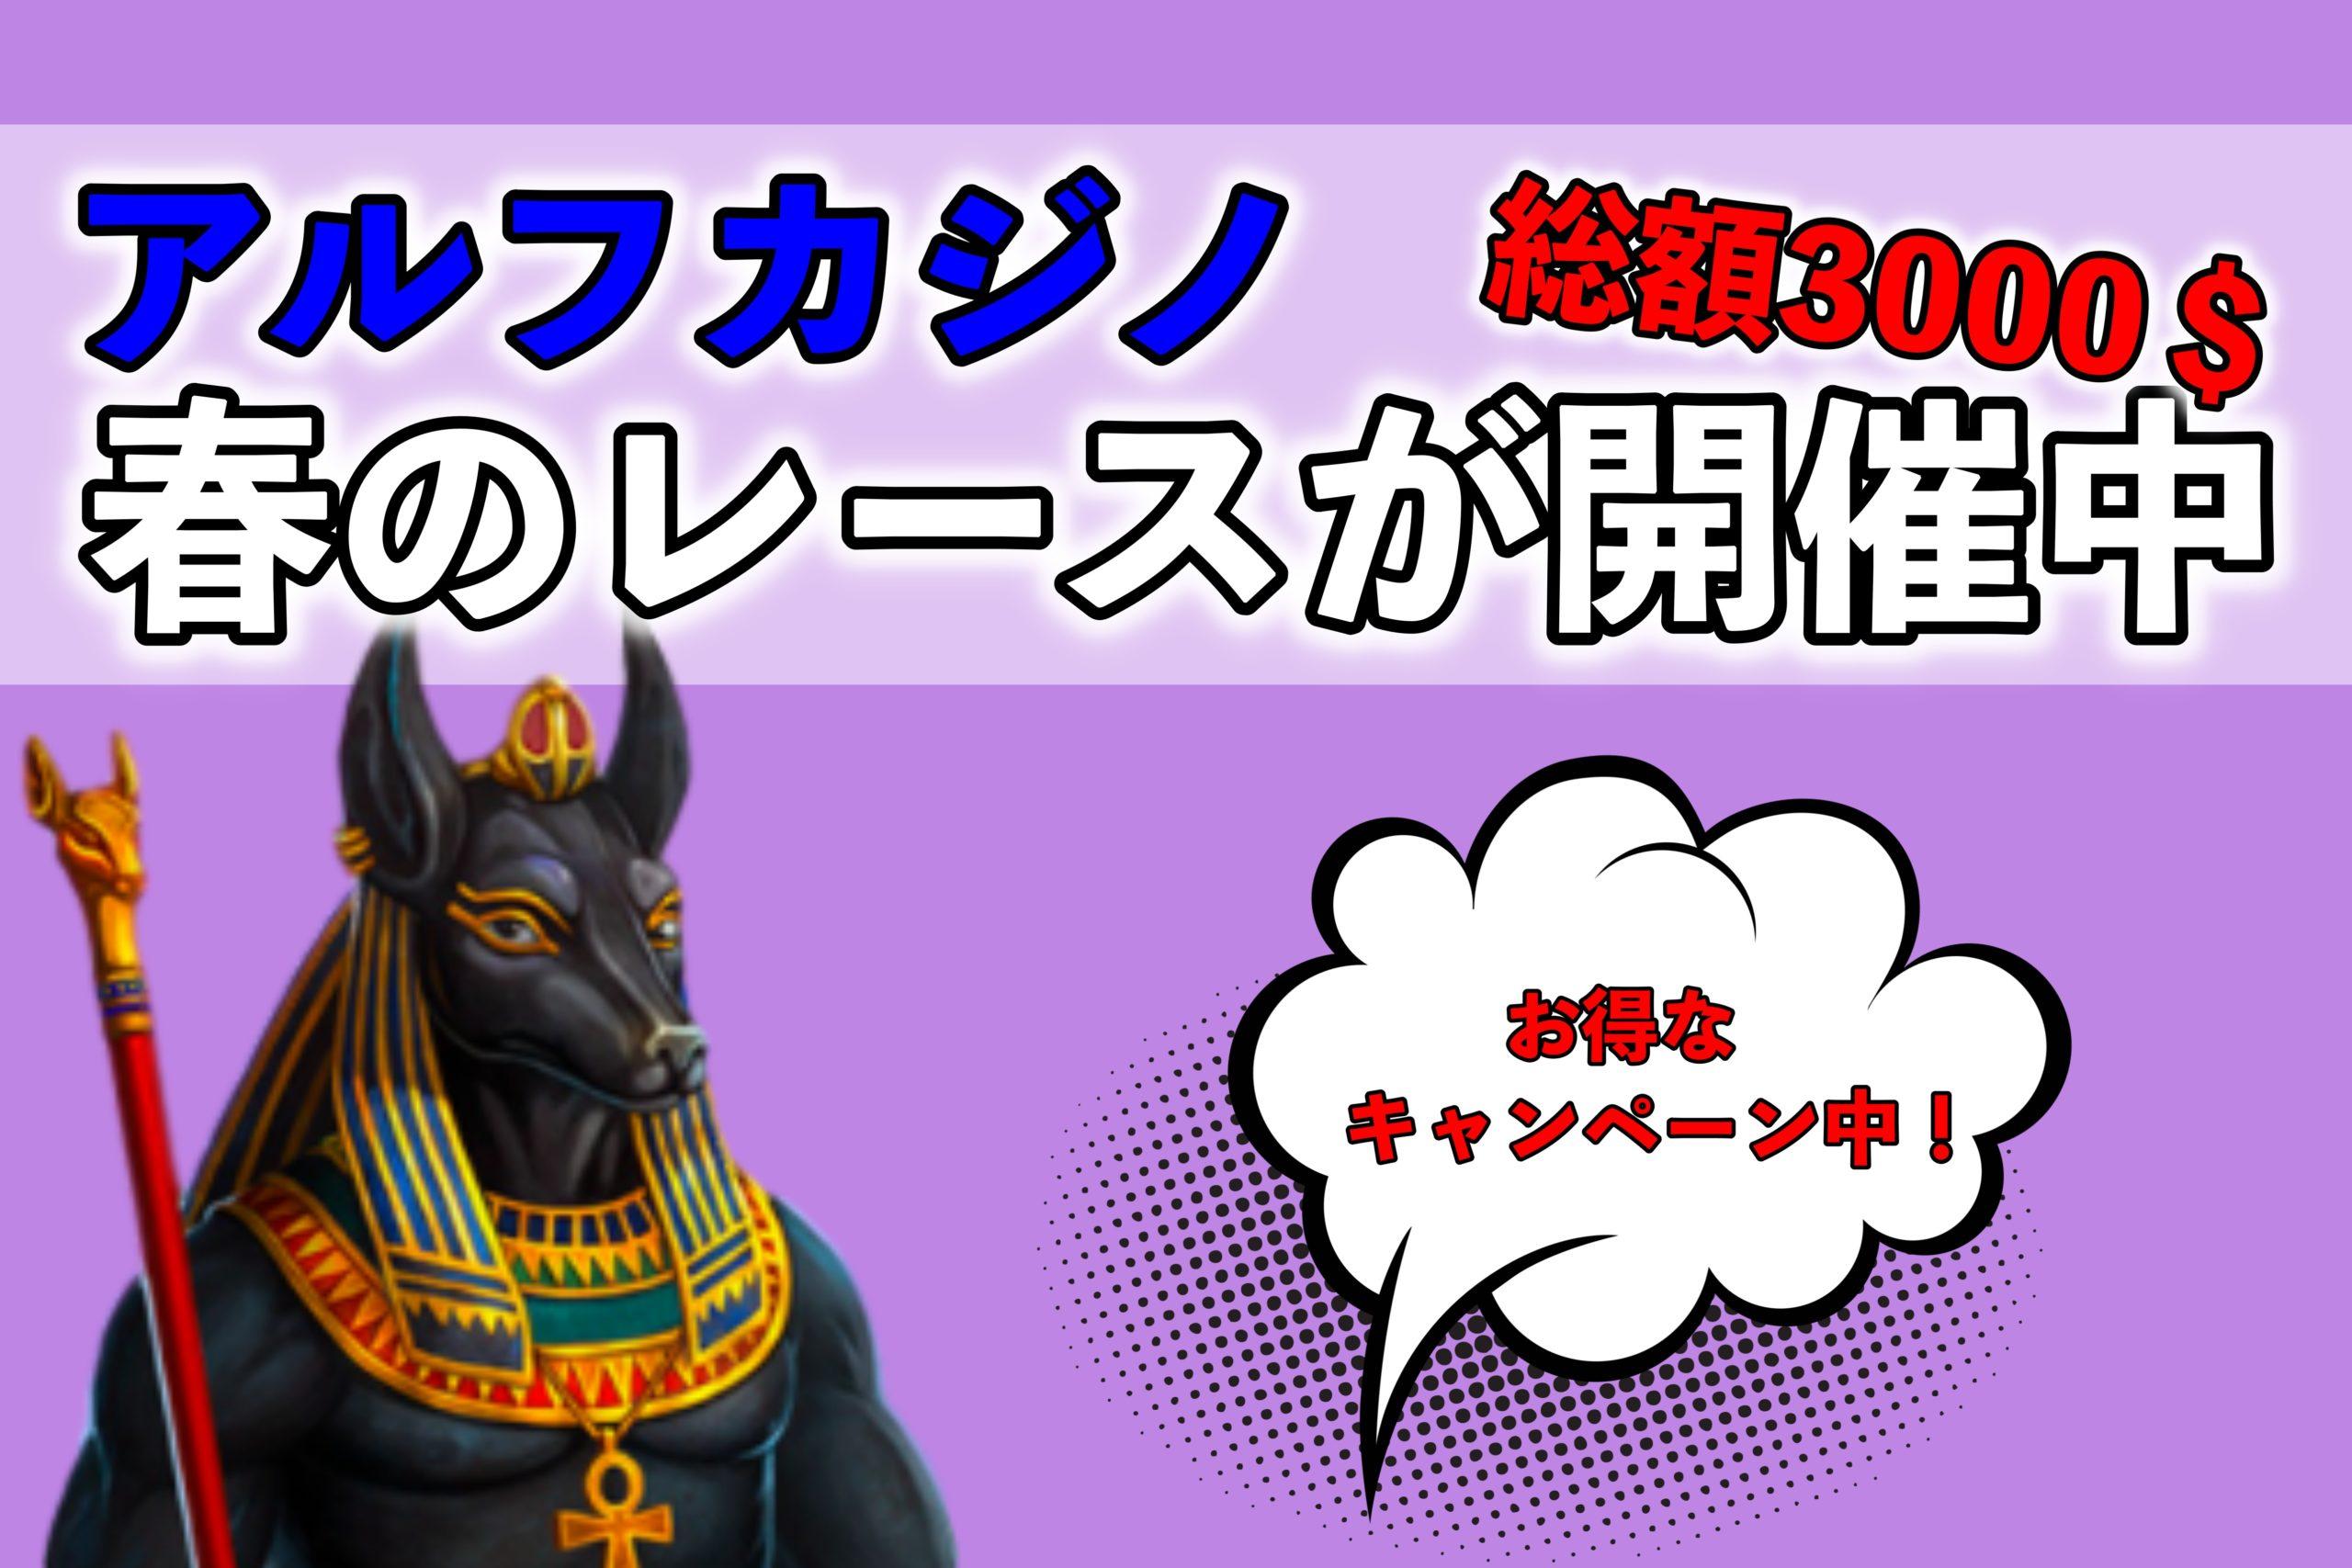 【アルフカジノ】賞金総額3000$「春のレース」開催|当サイト限定のお得なキャンペーン実施中!